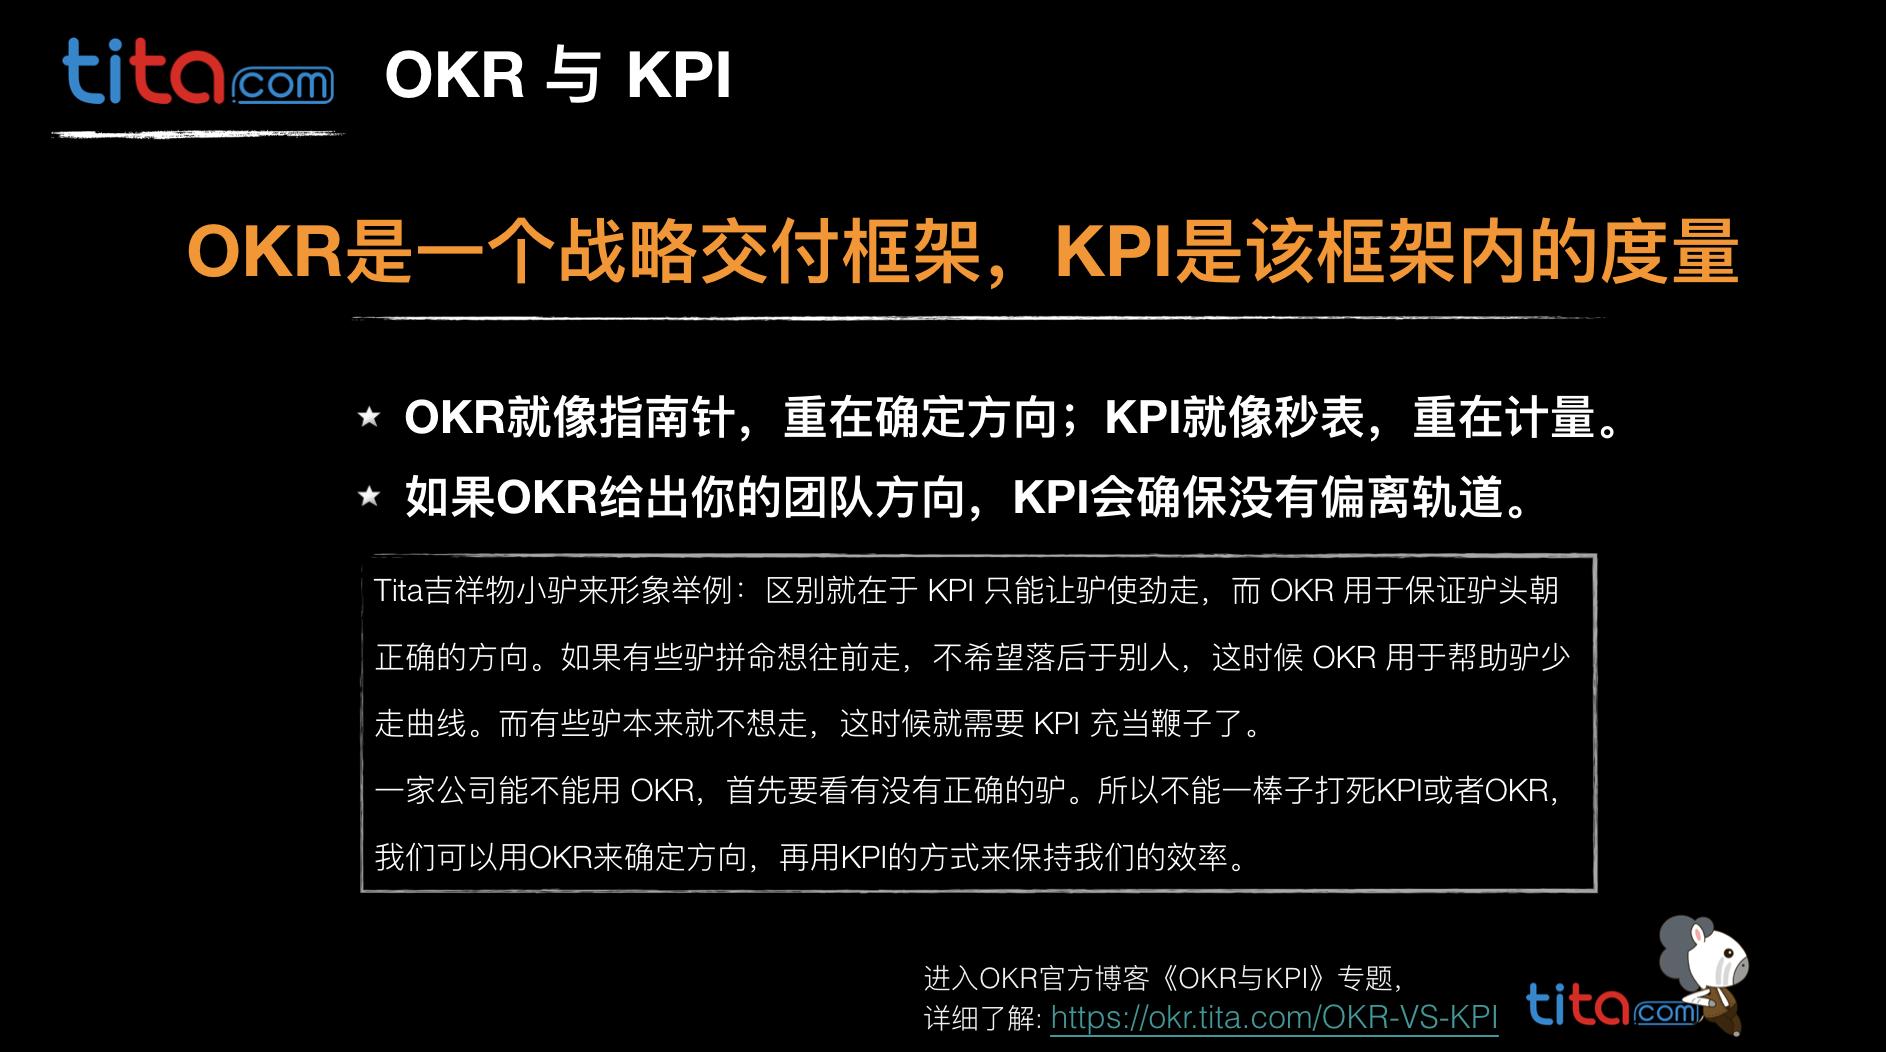 如何从传统的KPI(关键绩效指标)系统过渡到 OKR